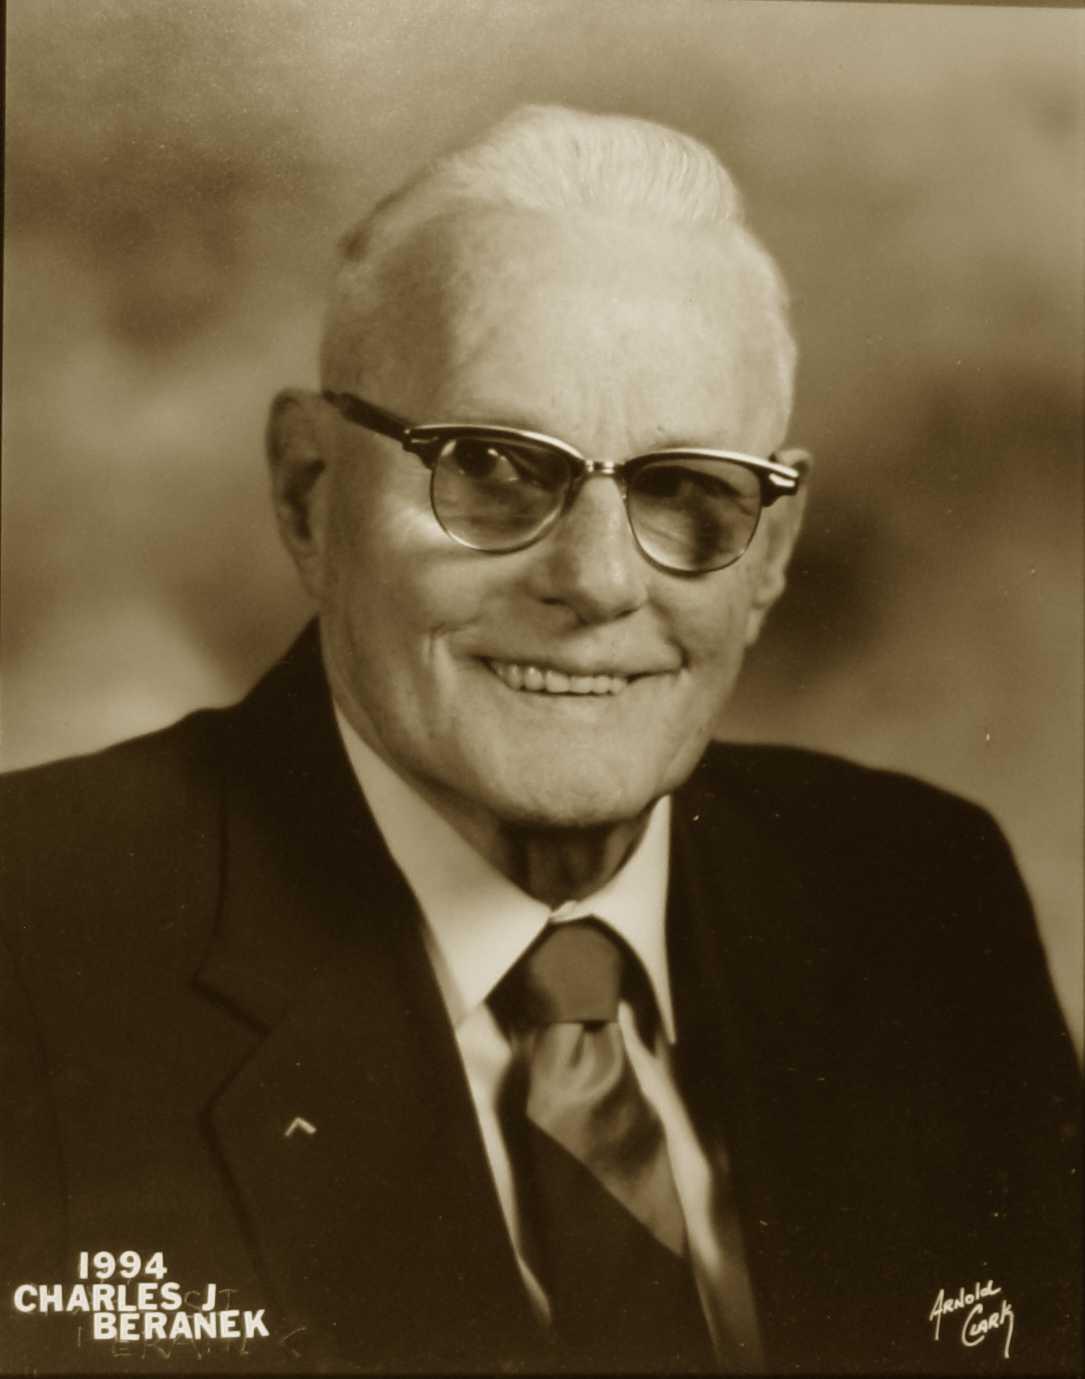 Charles J. Beranek, 1994